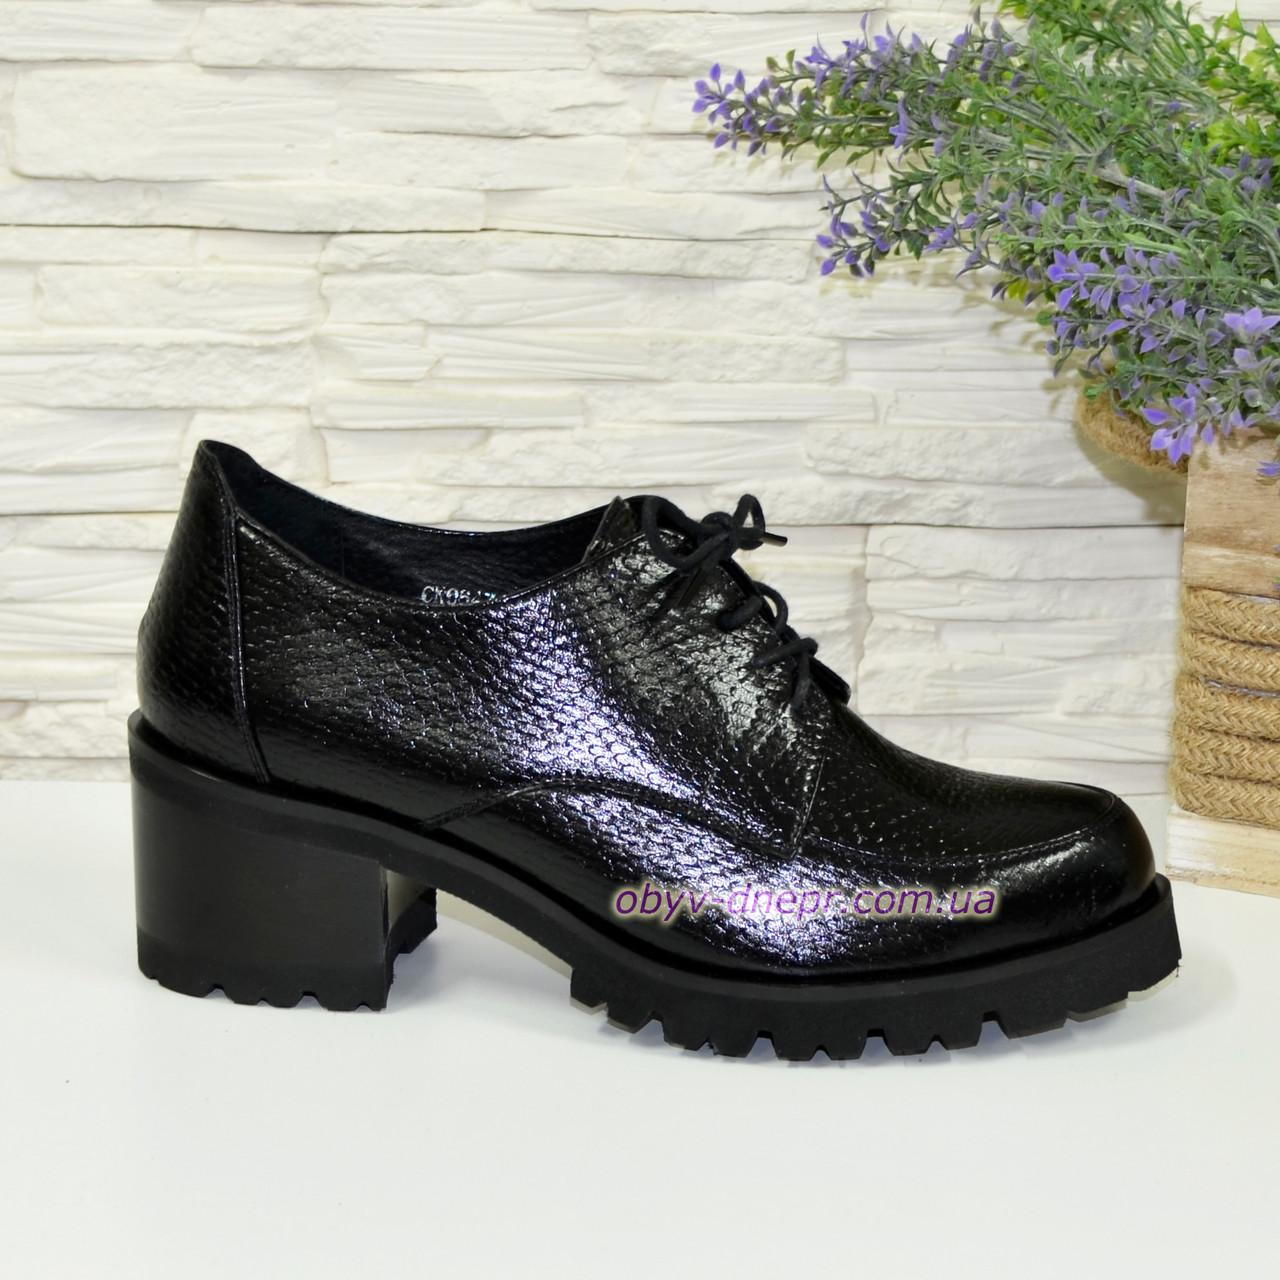 """Туфли женские на невысоком каблуке, натуральная кожа """"питон"""""""